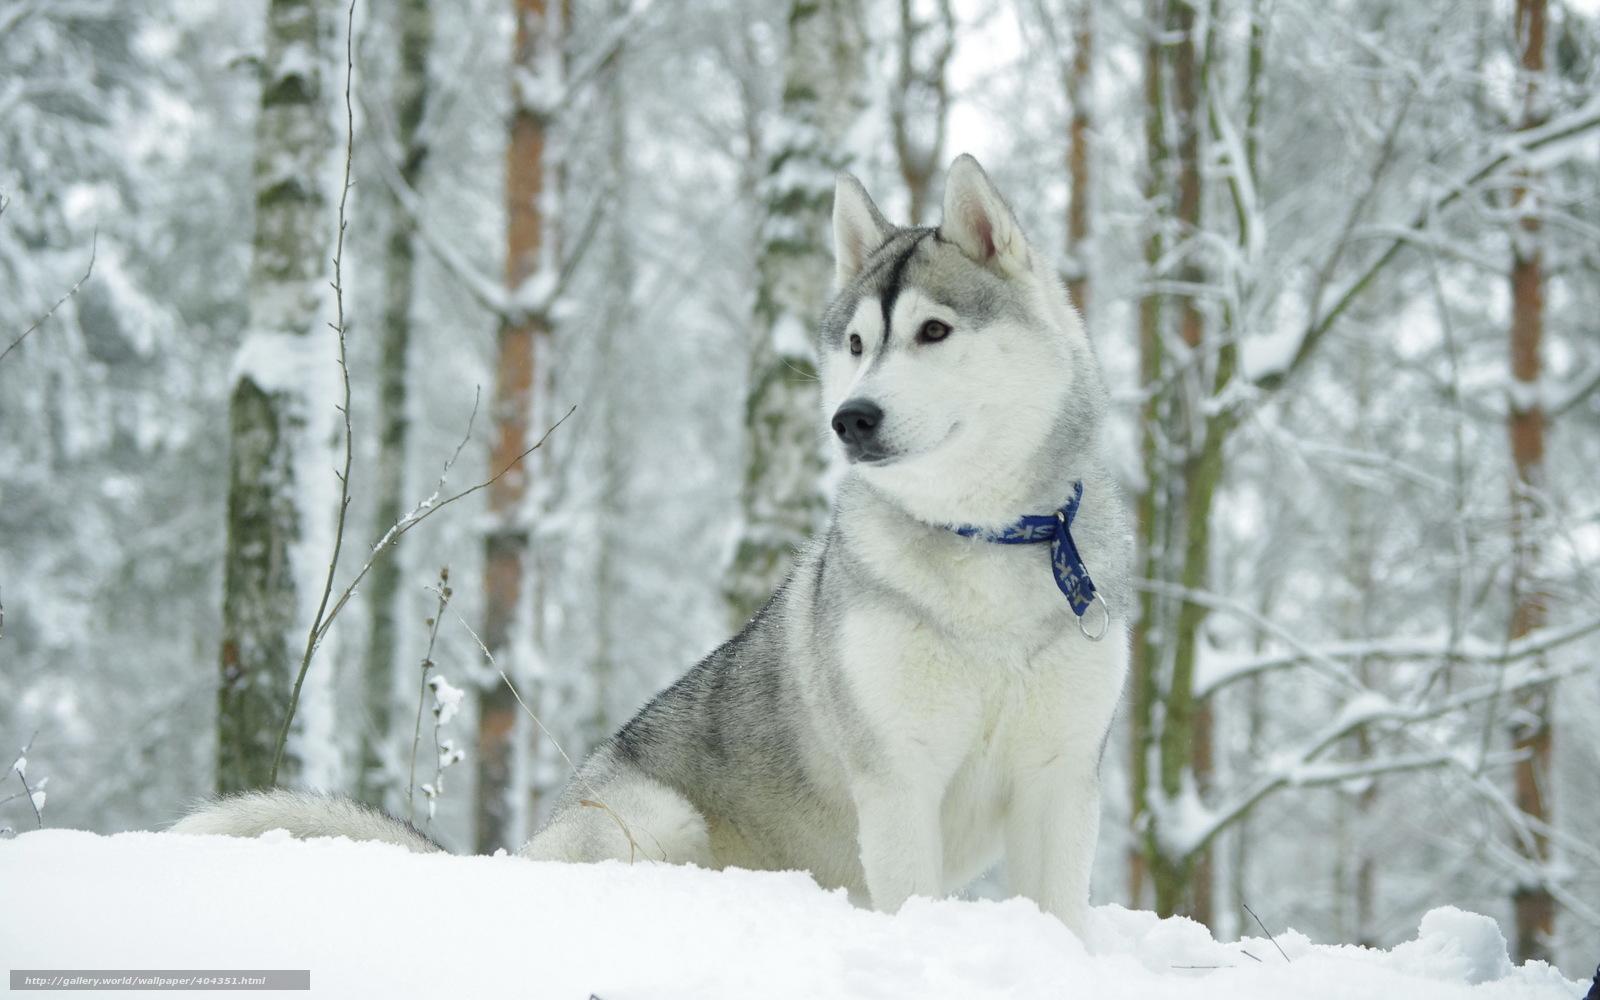 Scaricare gli sfondi cane hask inverno sfondi gratis per for Sfondi gratis desktop inverno